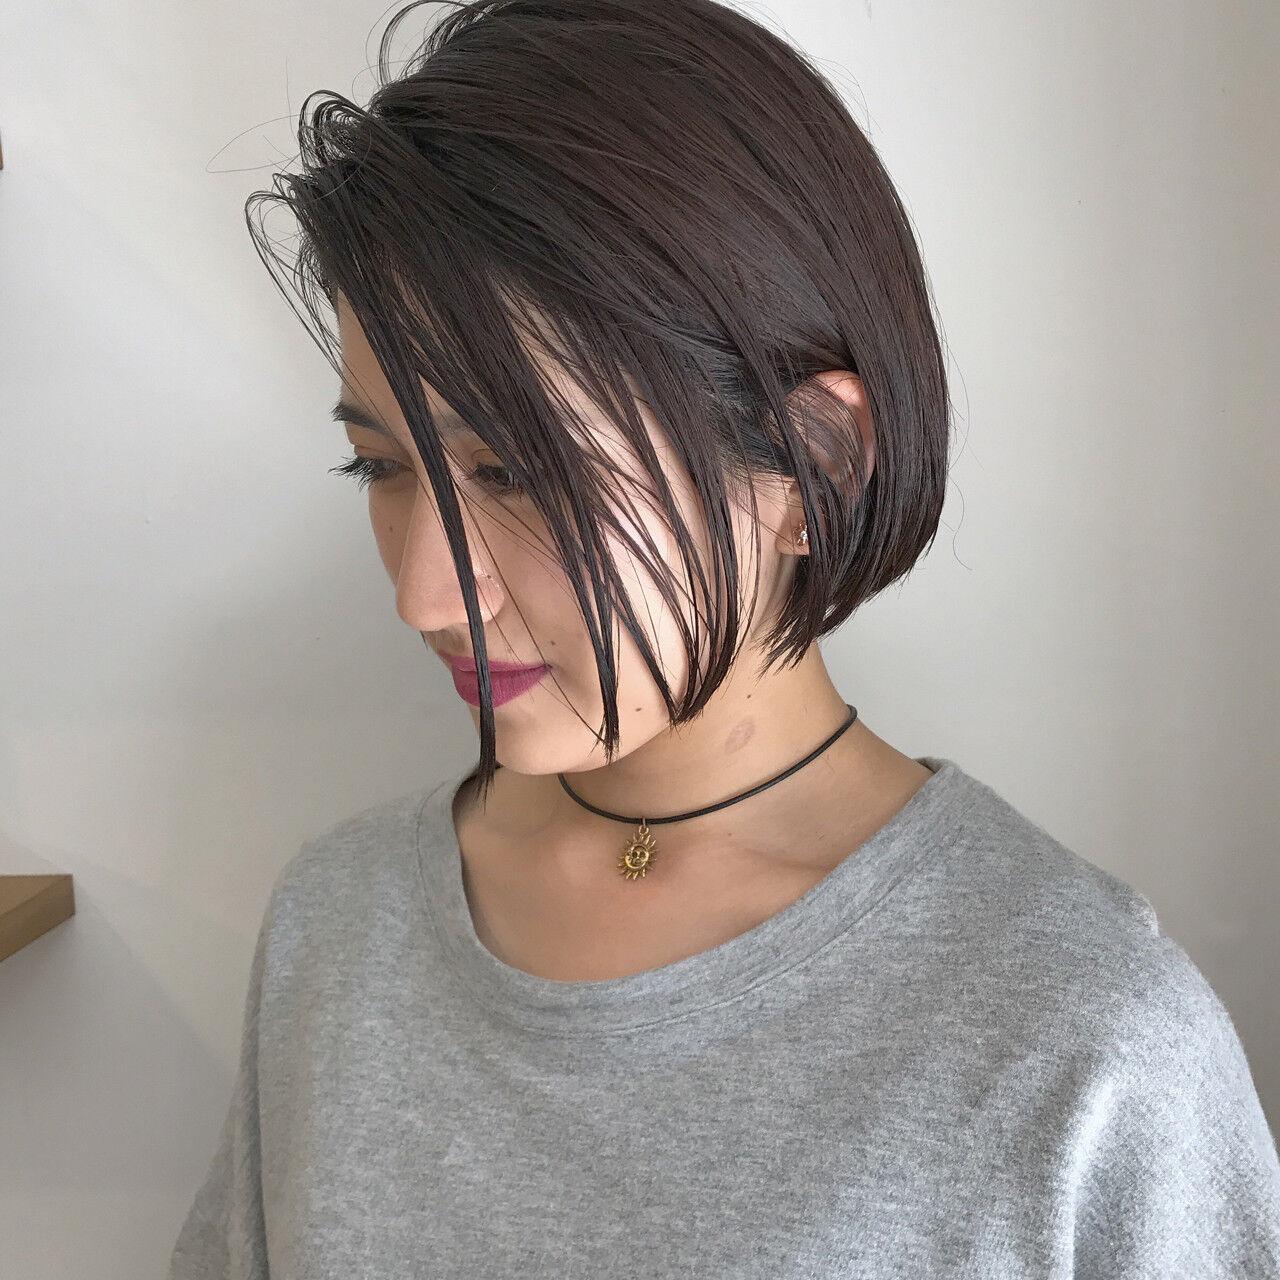 切りっぱなし ハイライト ナチュラル 黒髪ヘアスタイルや髪型の写真・画像